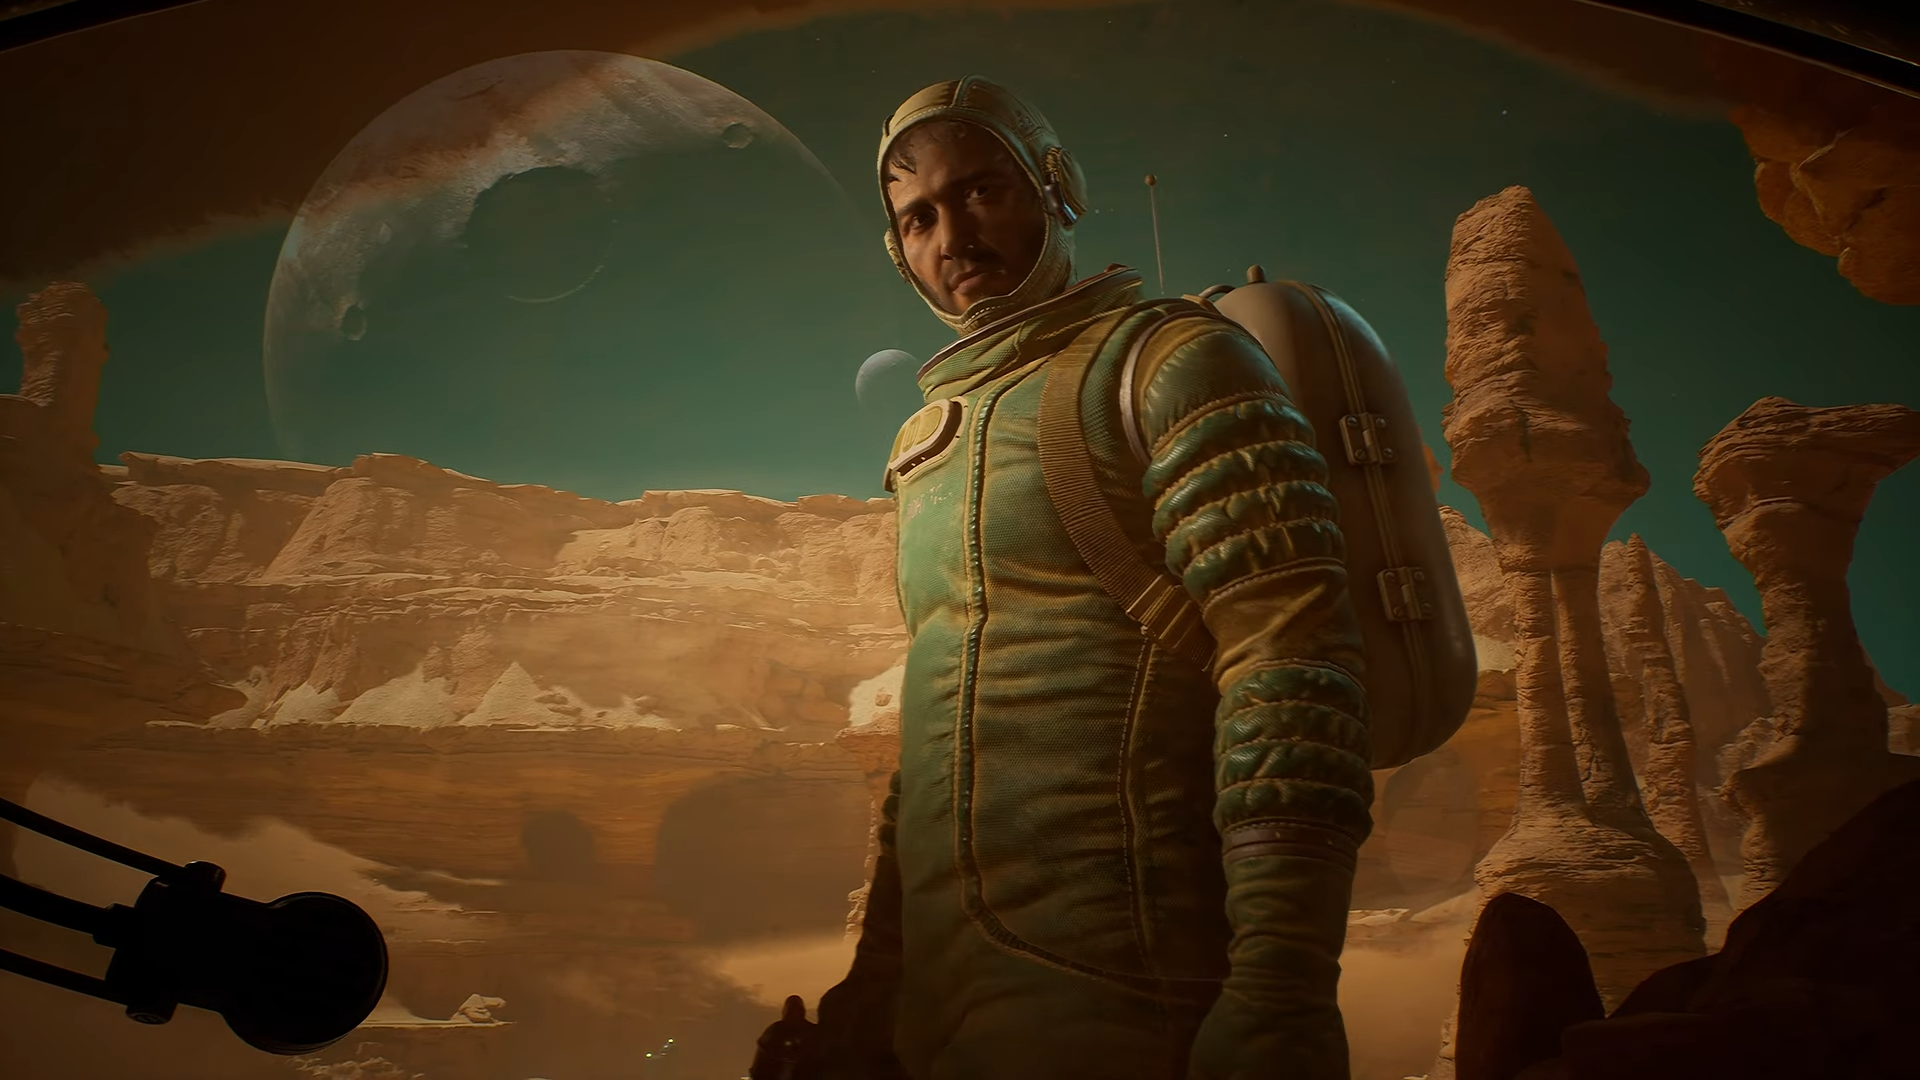 Тизер The Invincible — научно-фантастического триллера от создателей The Witcher 3 и Cyberpunk 2077